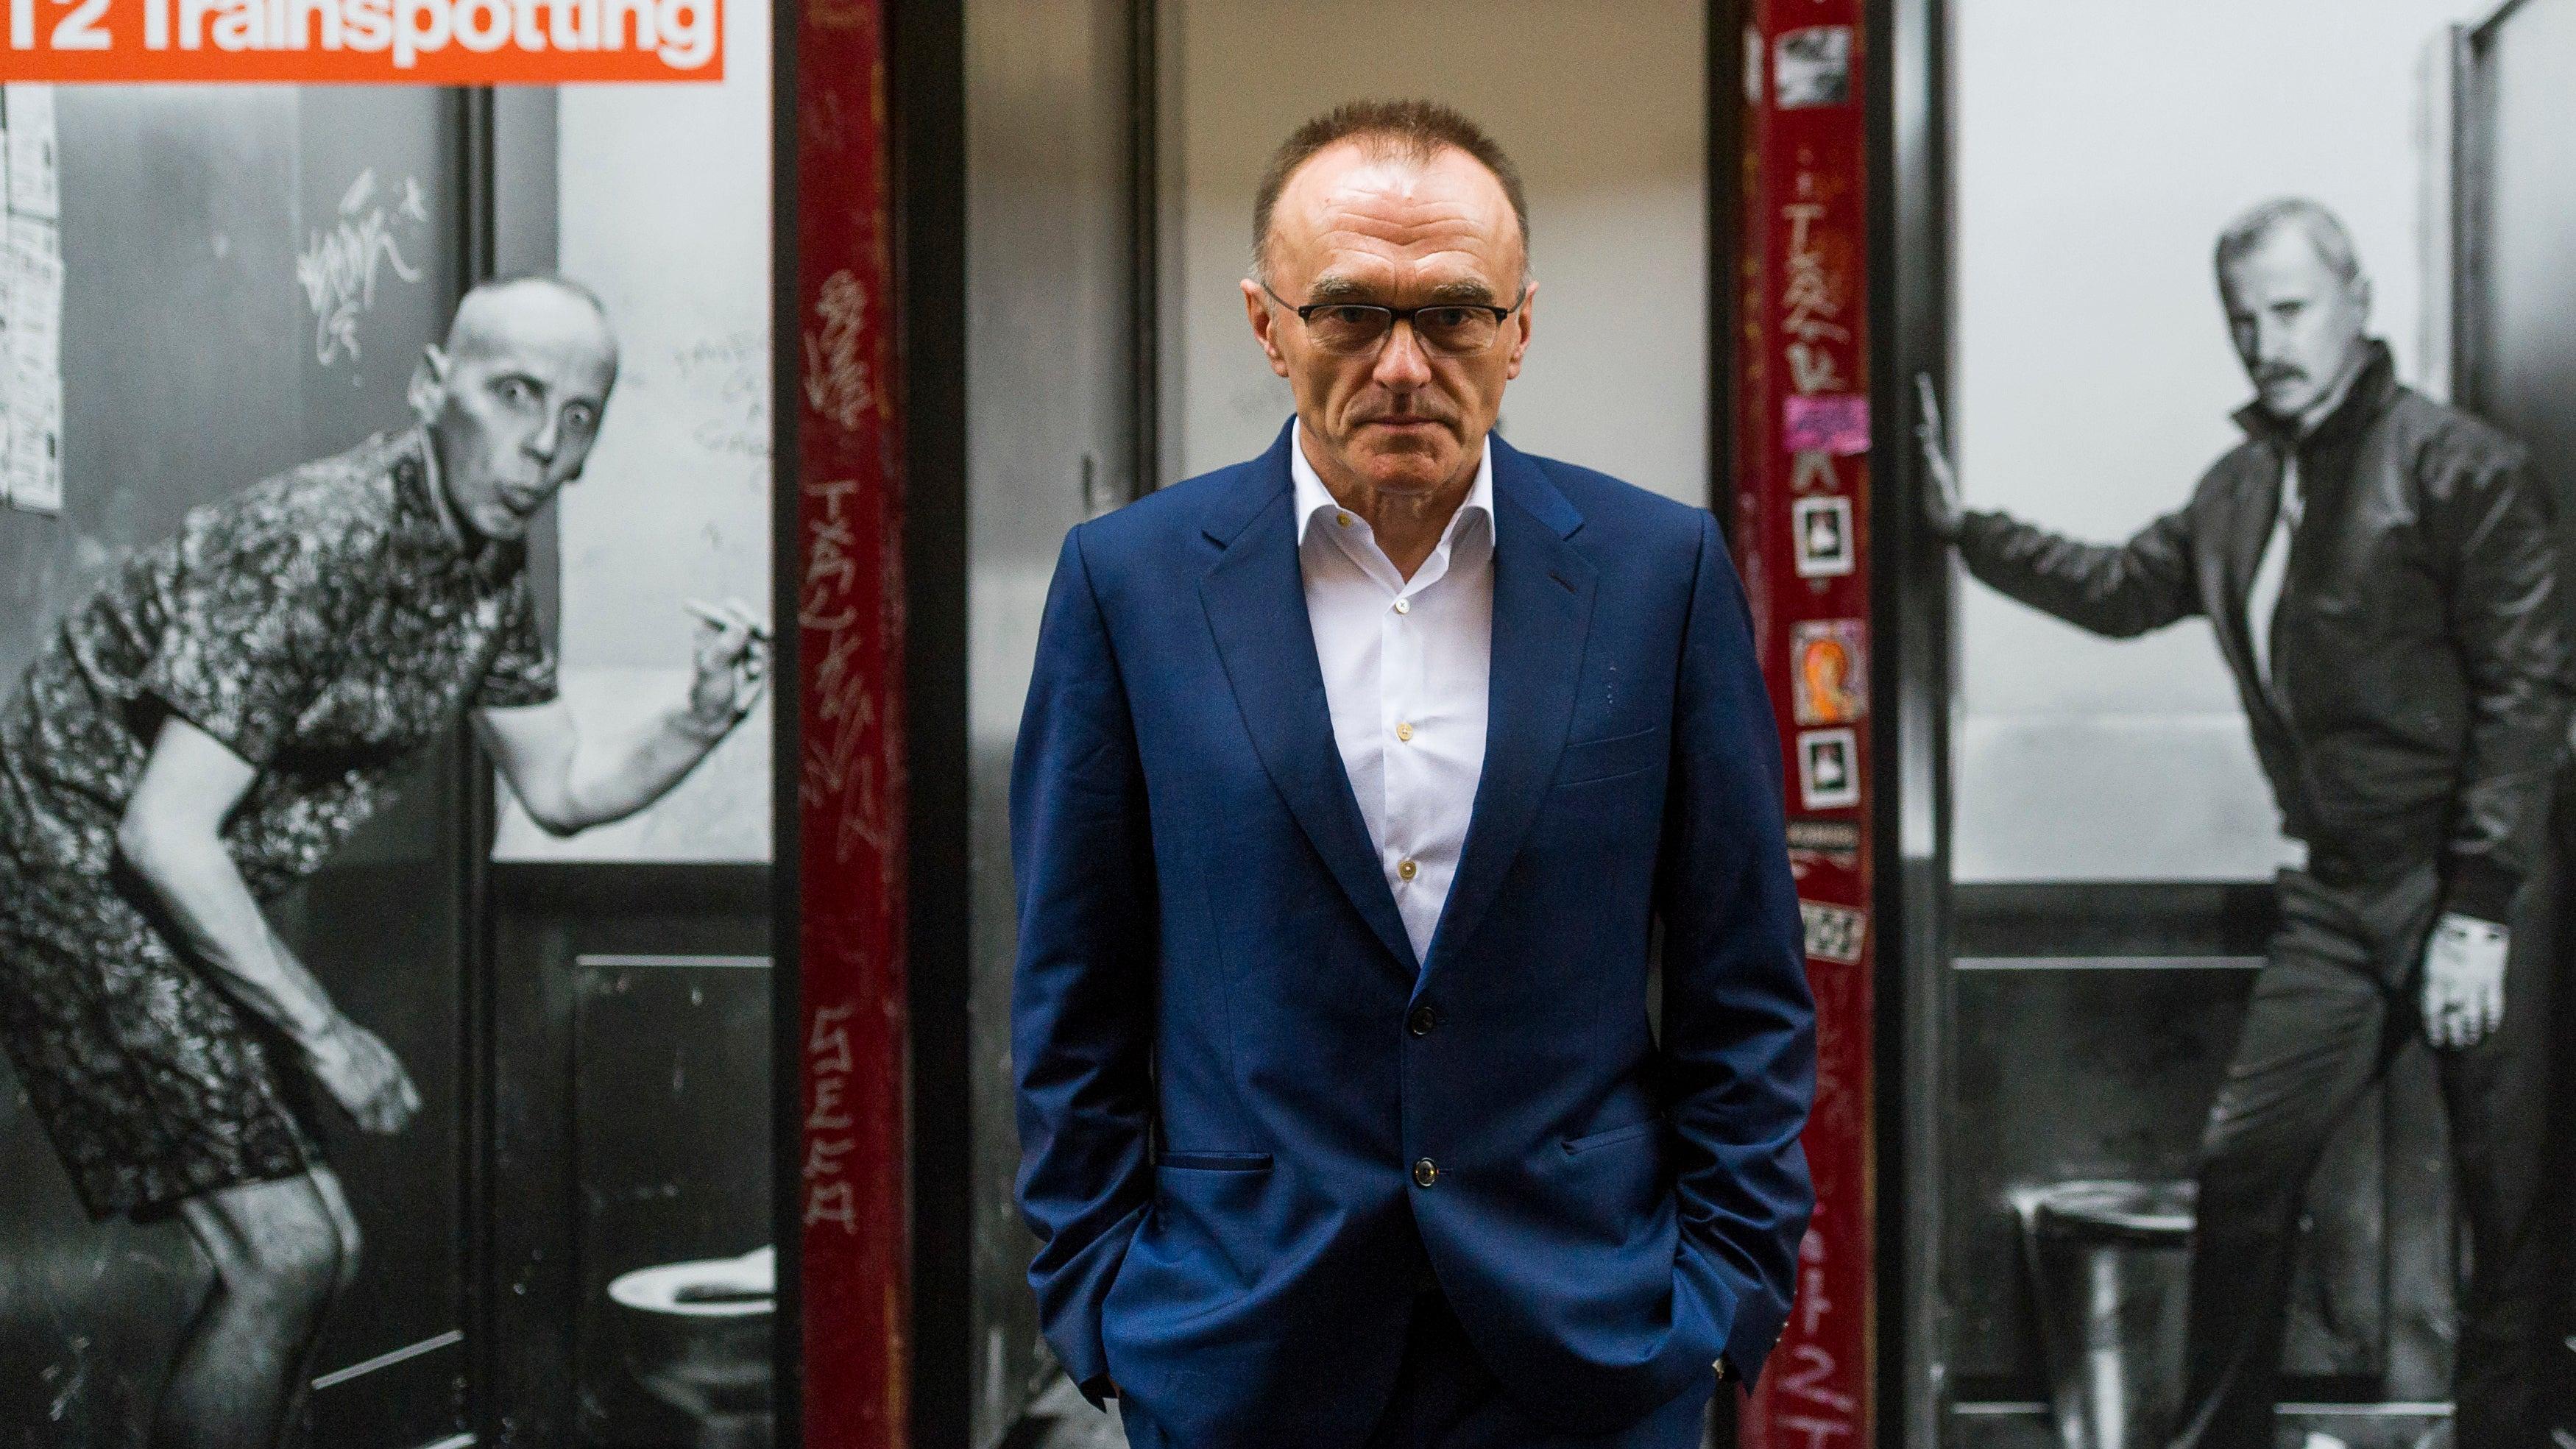 Danny Boyle Announces He's Directing Daniel Craig's Final James Bond Film